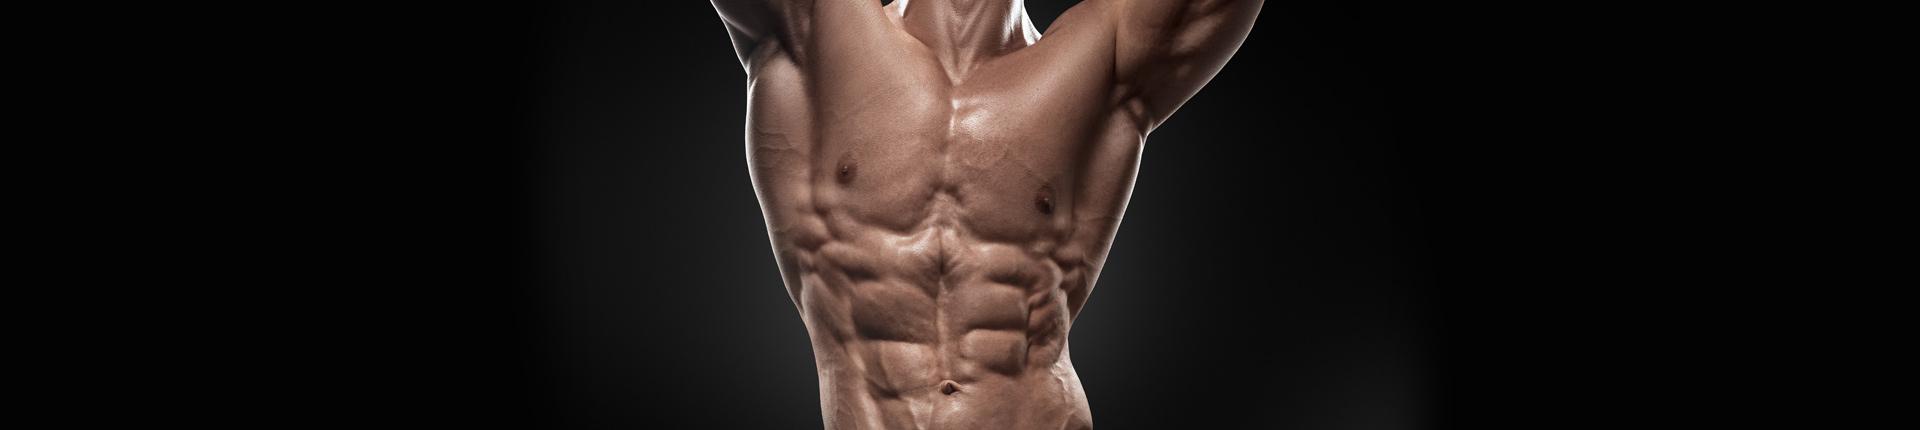 Co dają i jak działają spalacze tłuszczu?